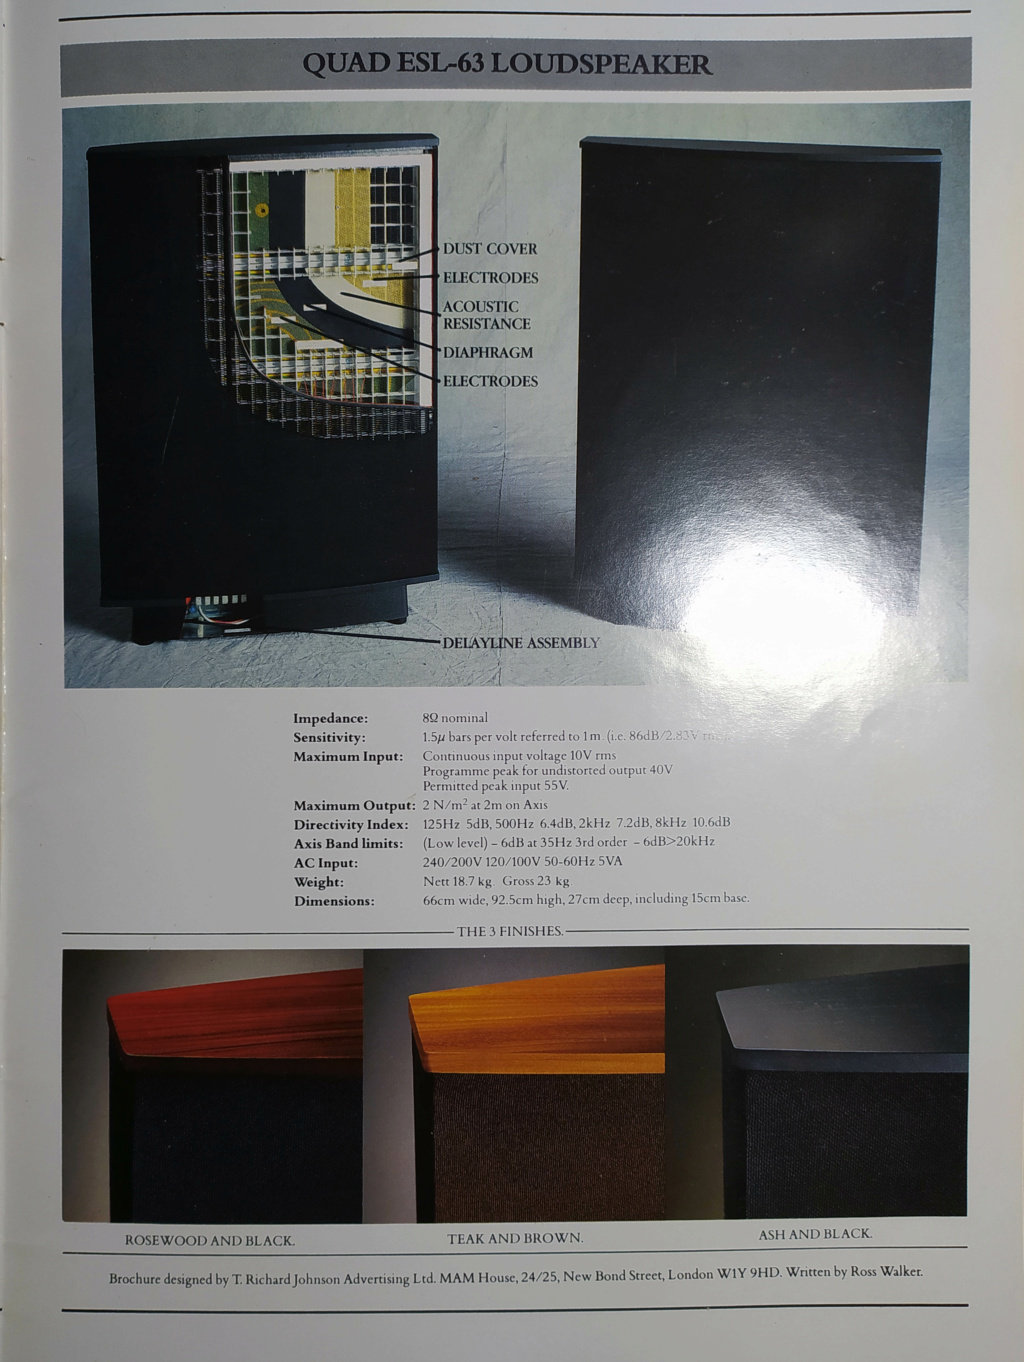 Aquellos maravillosos folletos Img_2053